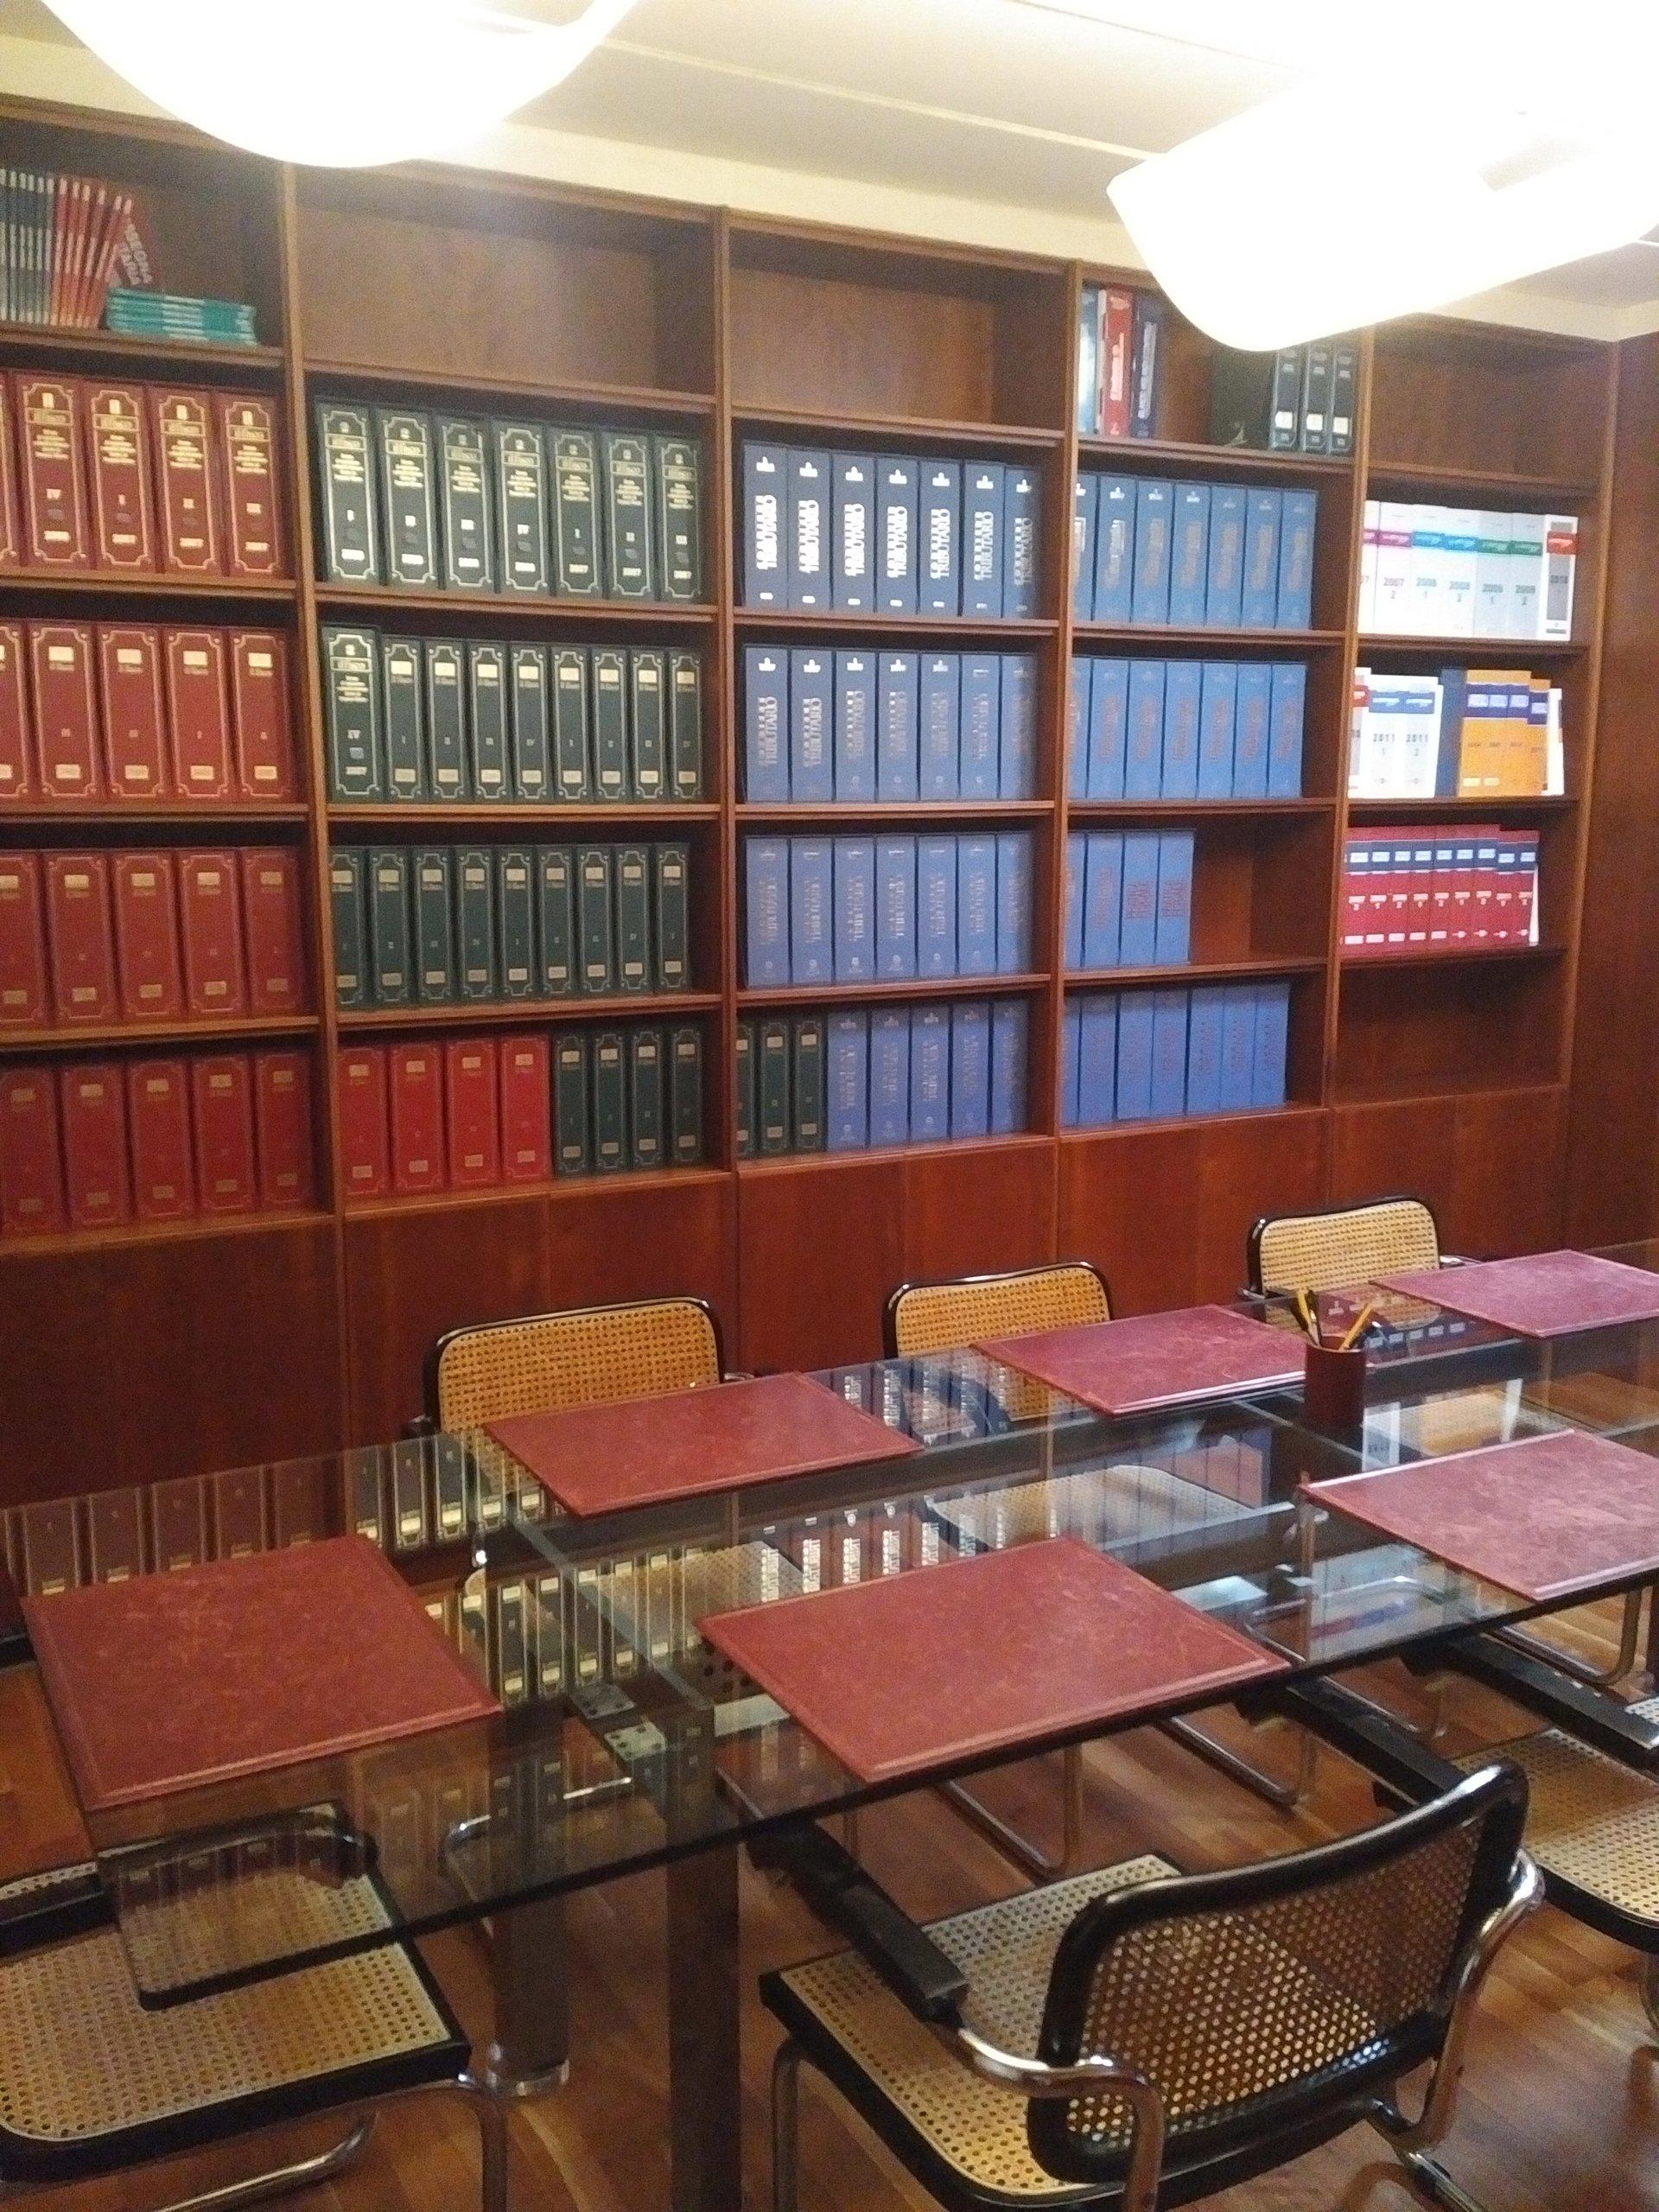 libreria con volumi legali